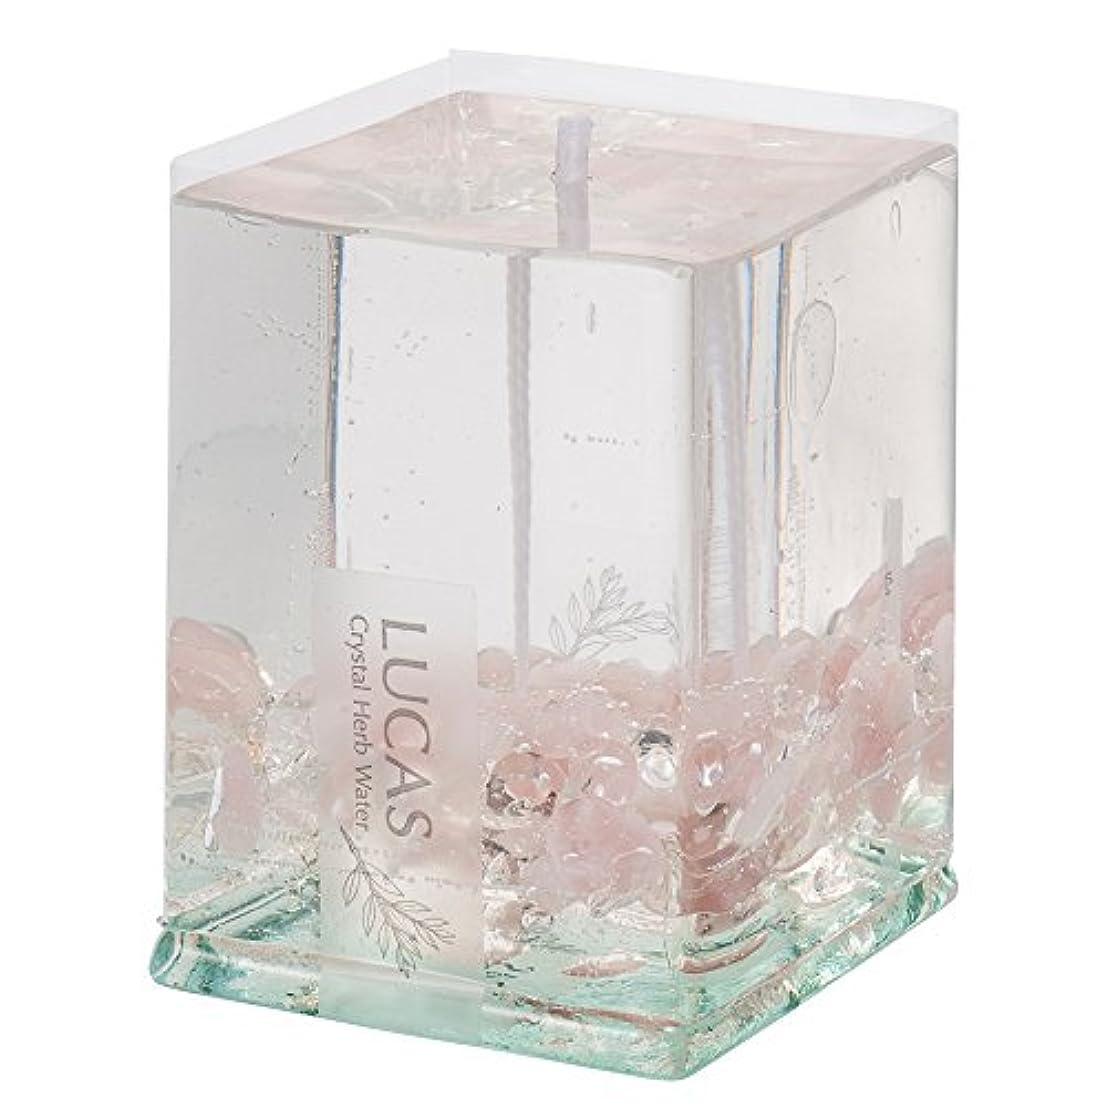 種をまくフィットネス型ホワイトセージ浄化キャンドル LUCAS - ルカス - ローズクォーツ (ローズ&セージの香り)【瞑想?マインドフルネスに】